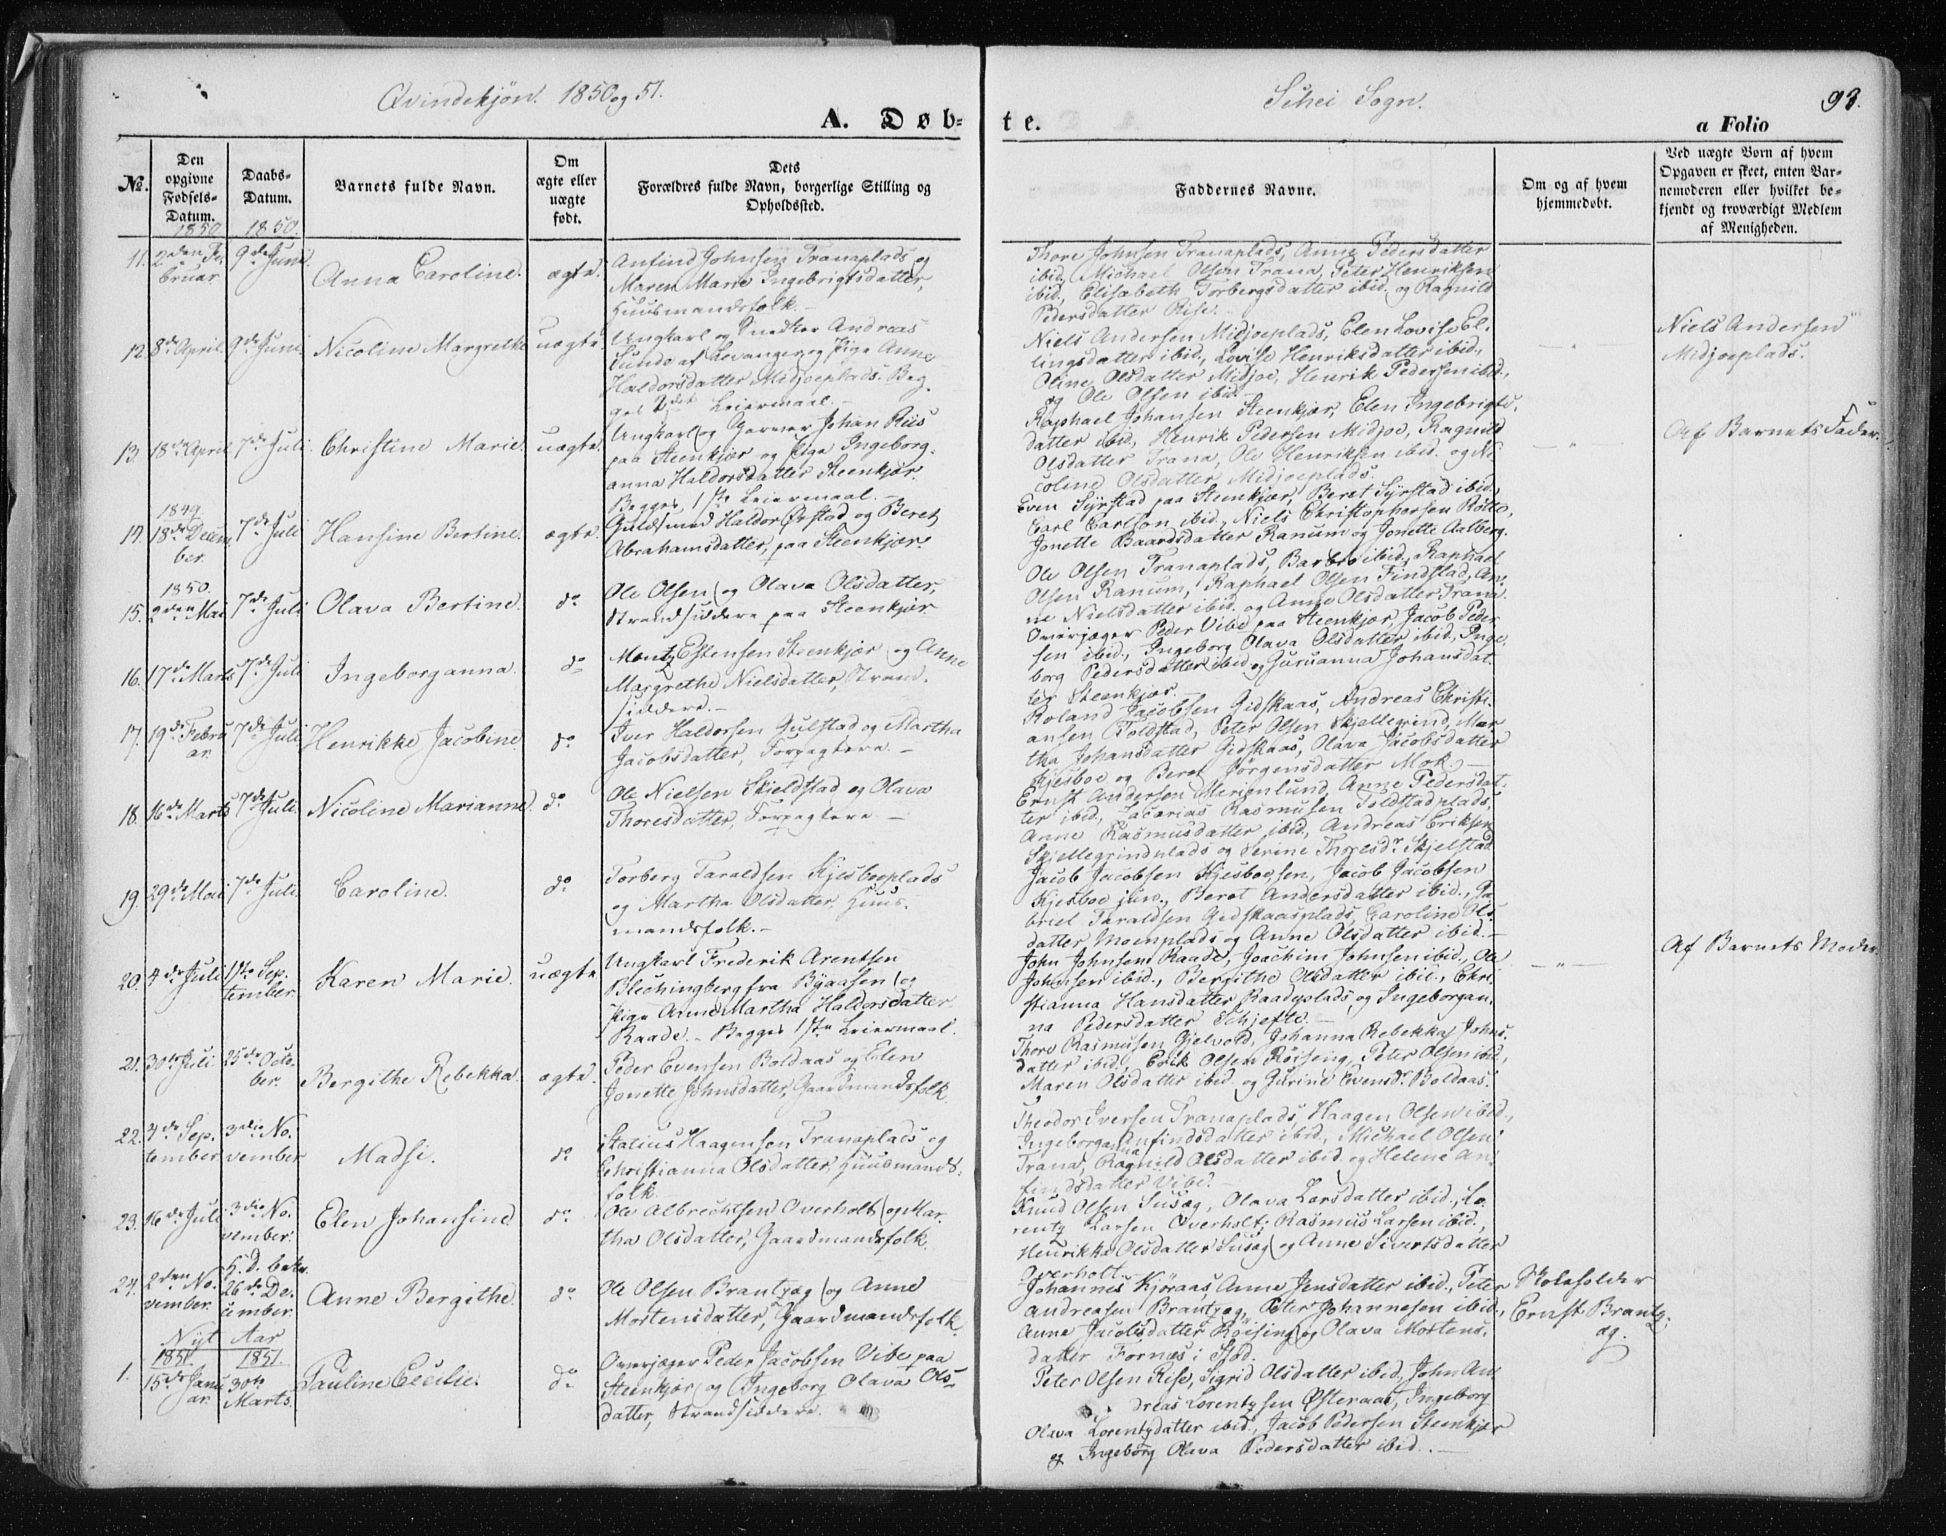 SAT, Ministerialprotokoller, klokkerbøker og fødselsregistre - Nord-Trøndelag, 735/L0342: Ministerialbok nr. 735A07 /2, 1849-1862, s. 93